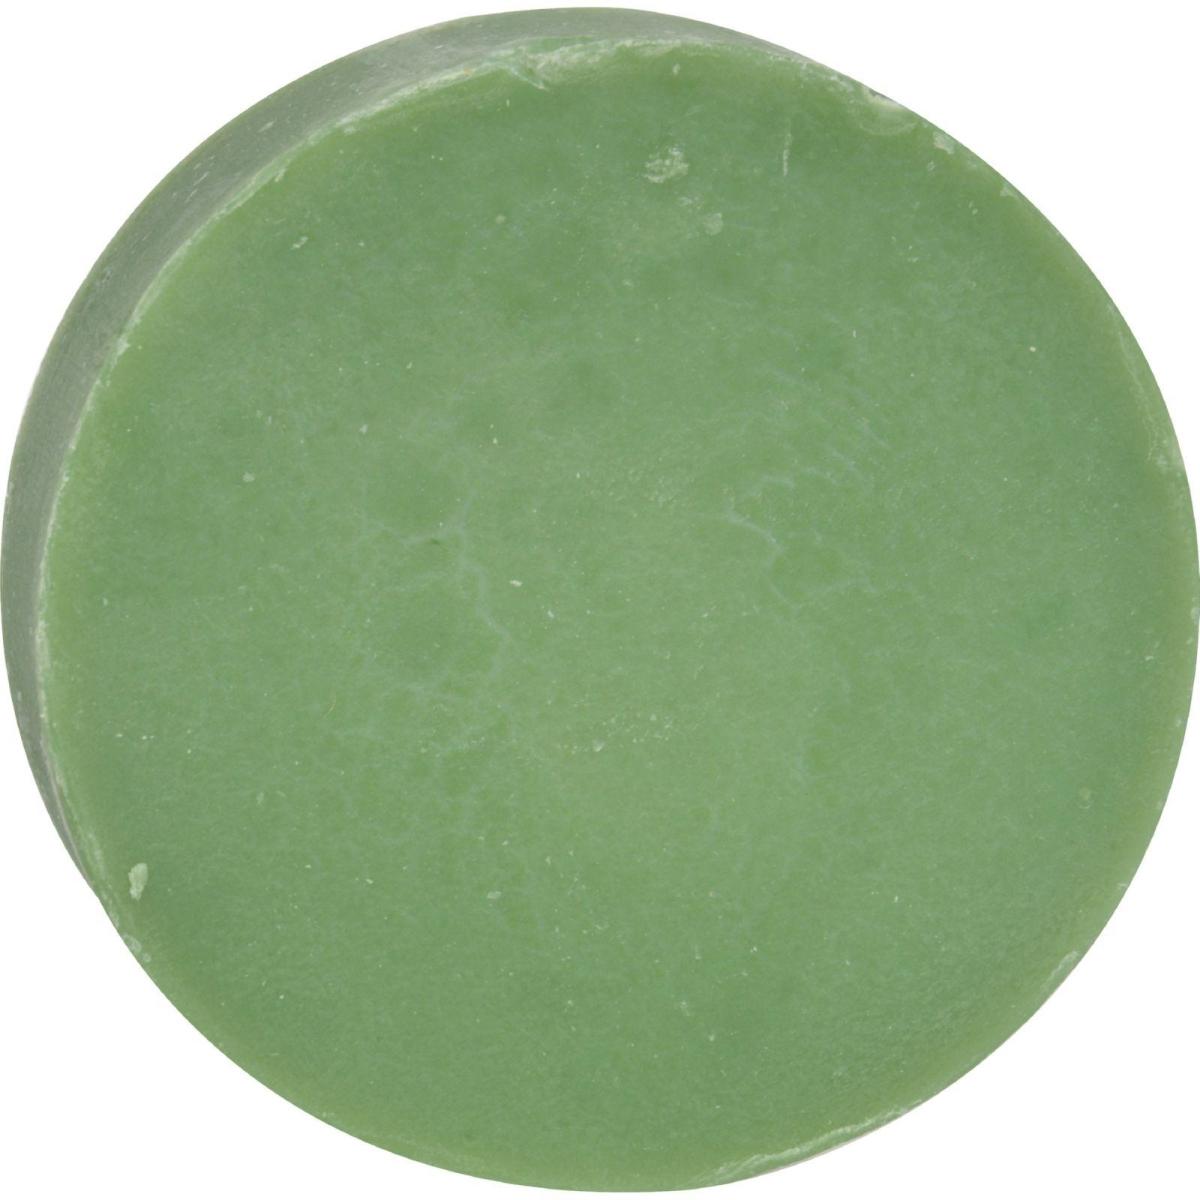 Sappo Hill Soapworks HG0847988 Glycerine Creme Soap - Aloe Case of 12